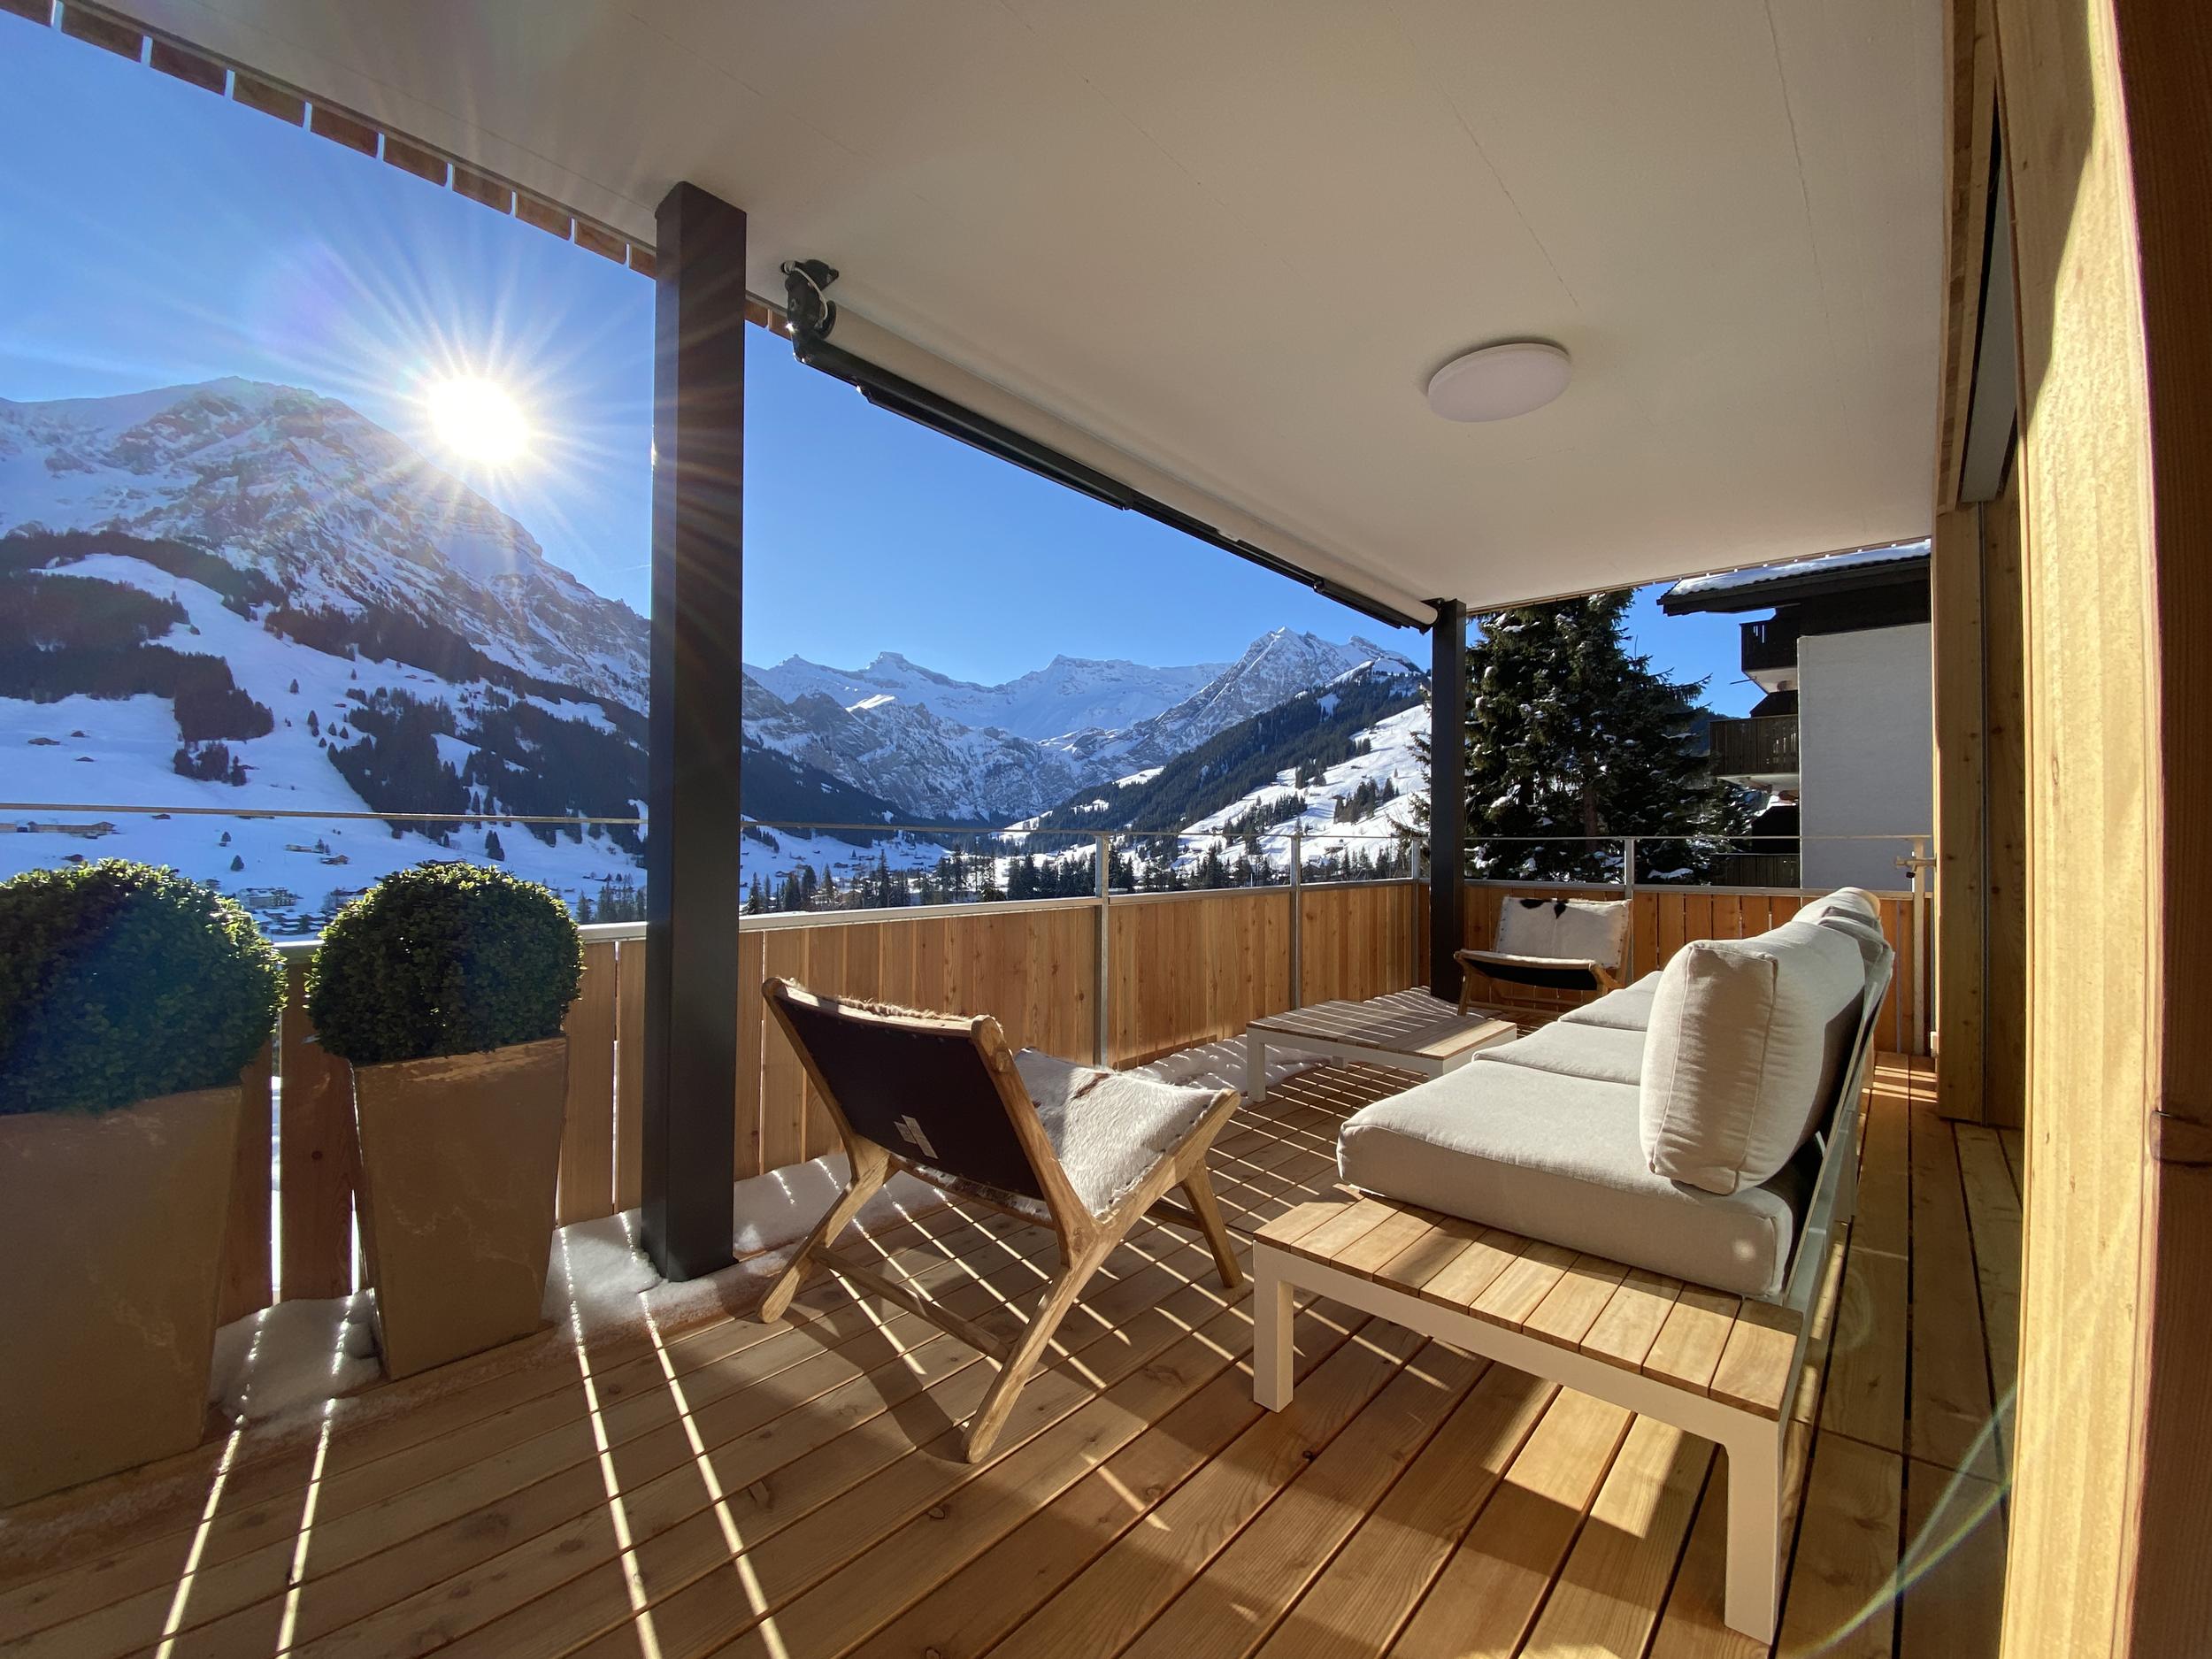 Ferienwohnung Adelboden Balkon Blick